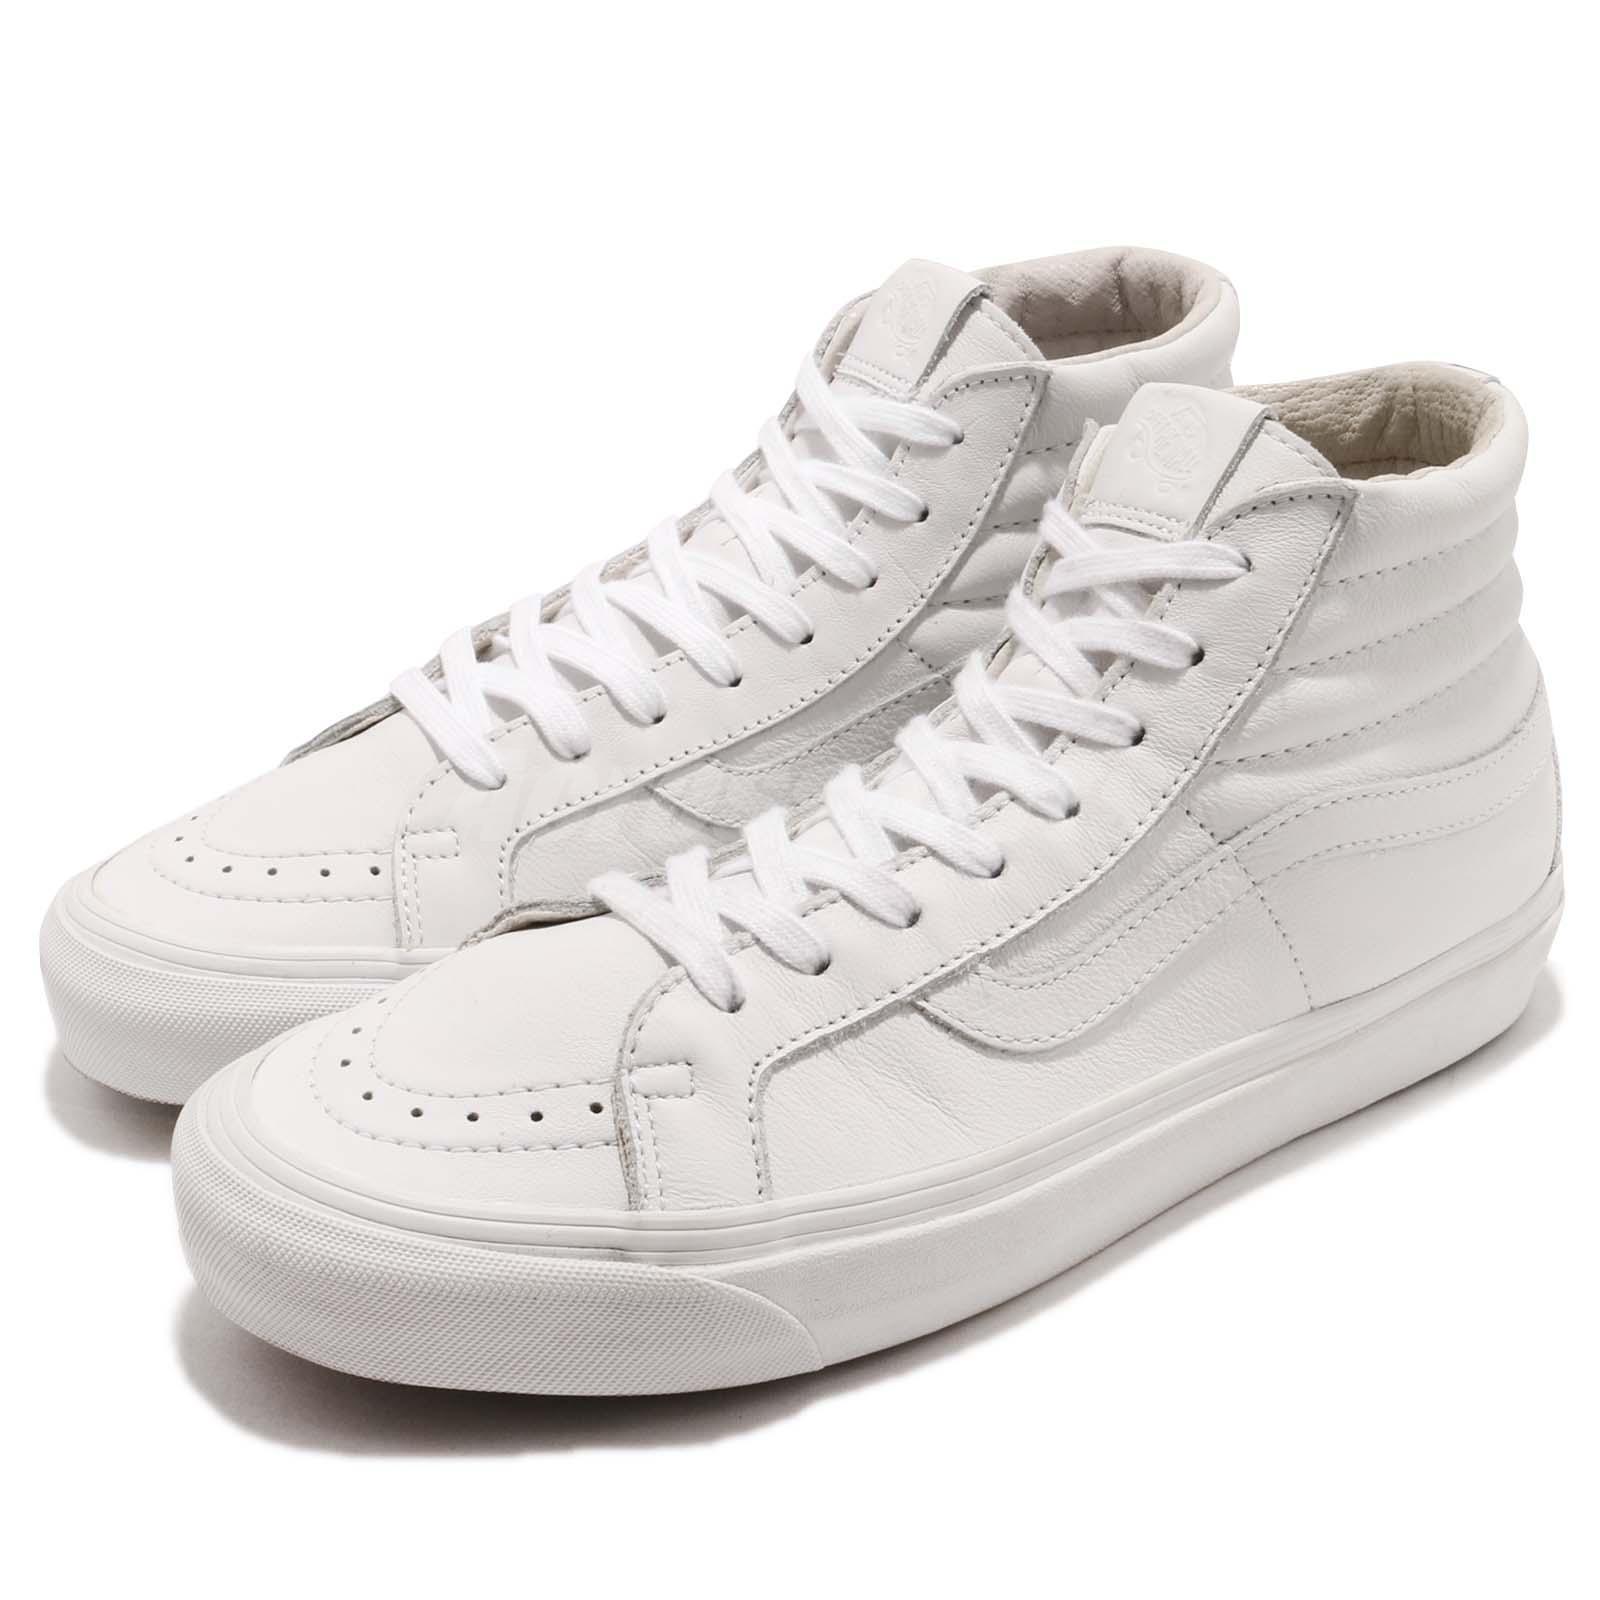 d830ddc2d967 Details about Vans Vault OG Sk8-Hi LX White Leather Men Women Skate  Boarding Sneakers 72070608